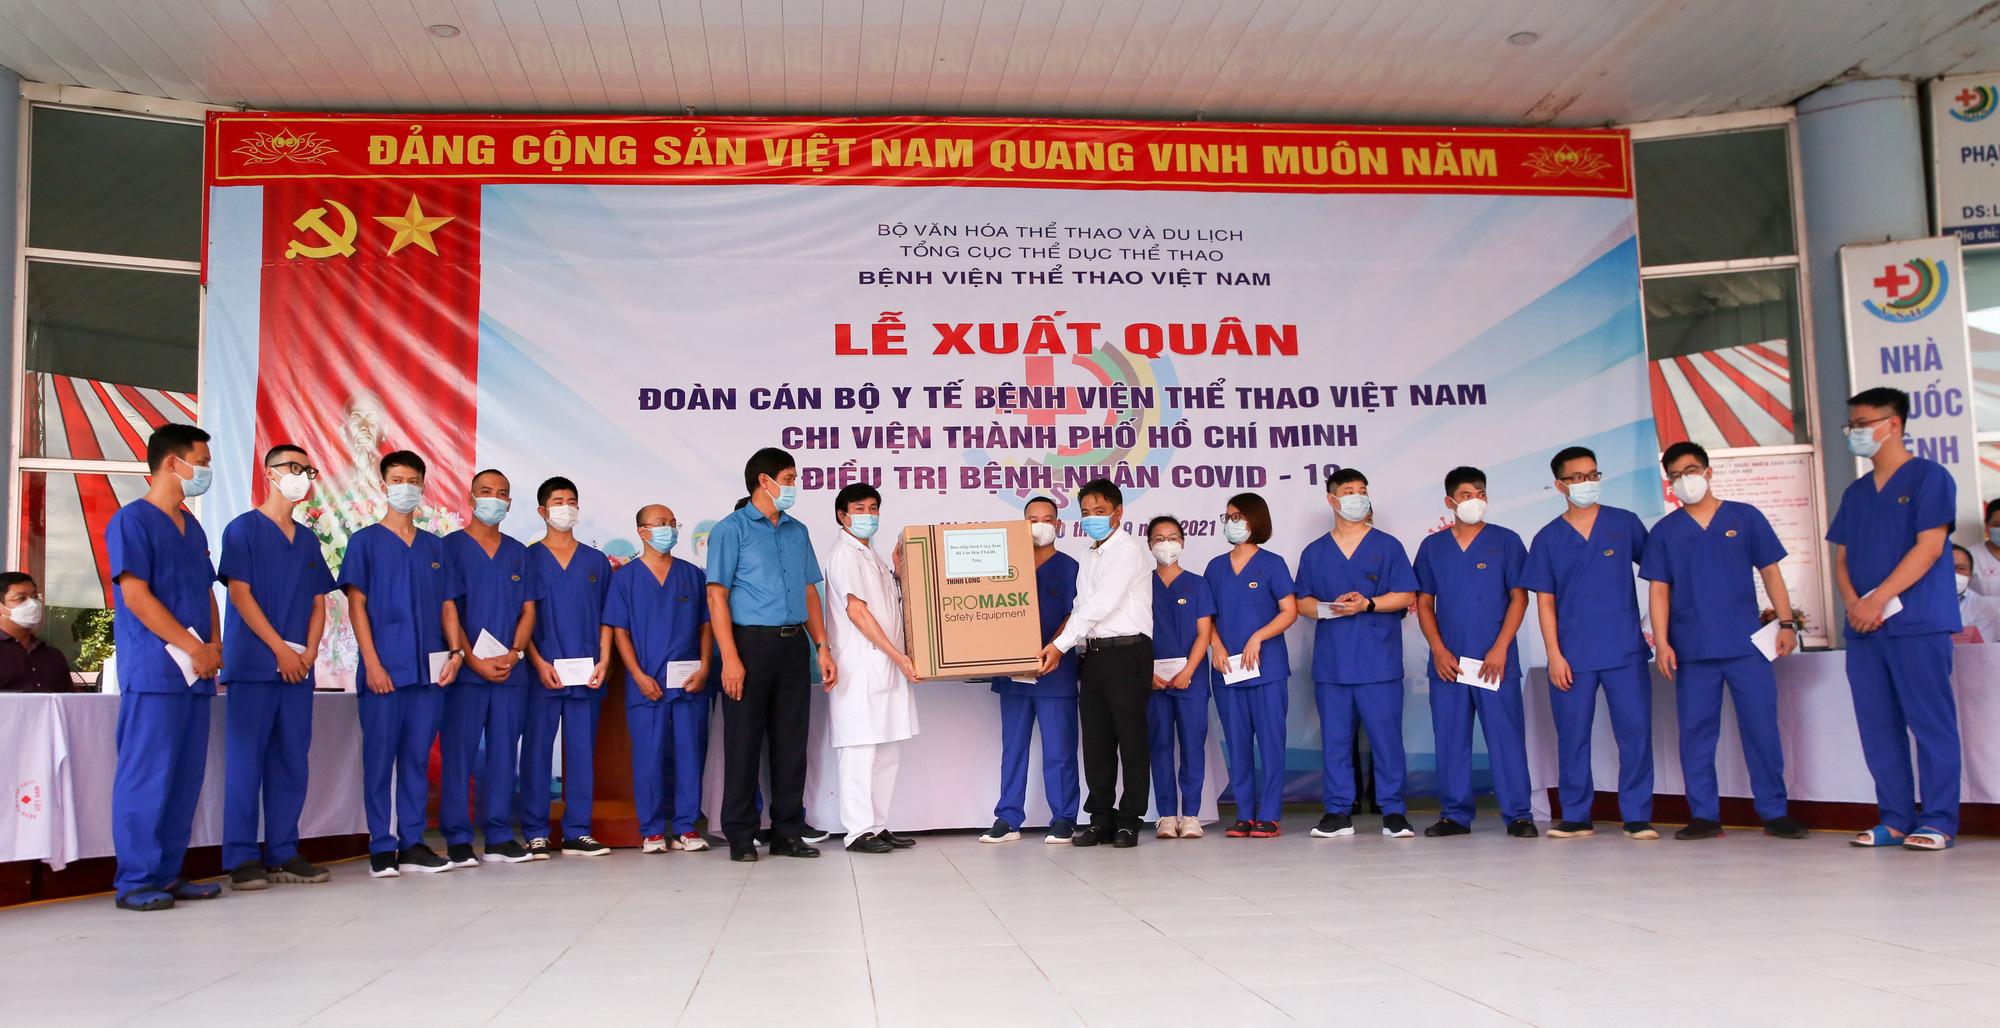 Bệnh viên Thể thao Việt Nam xuất quân tăng cường lực lượng vào miền Nam chống dịch - Ảnh 10.